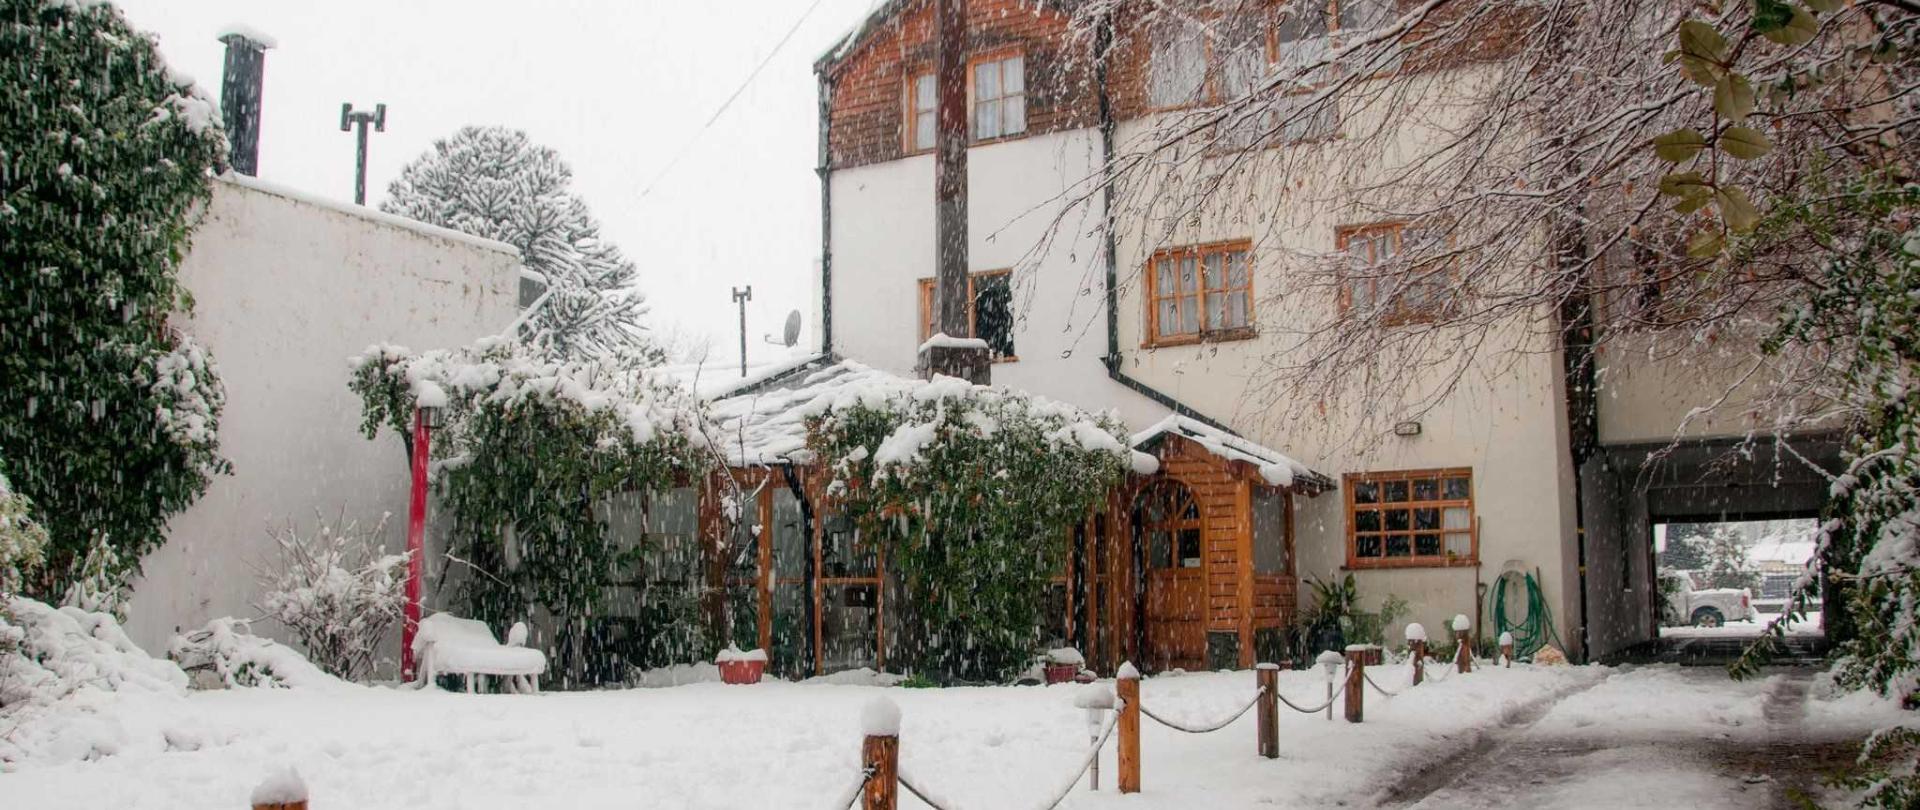 nieve-julio-sma-94-1.jpg